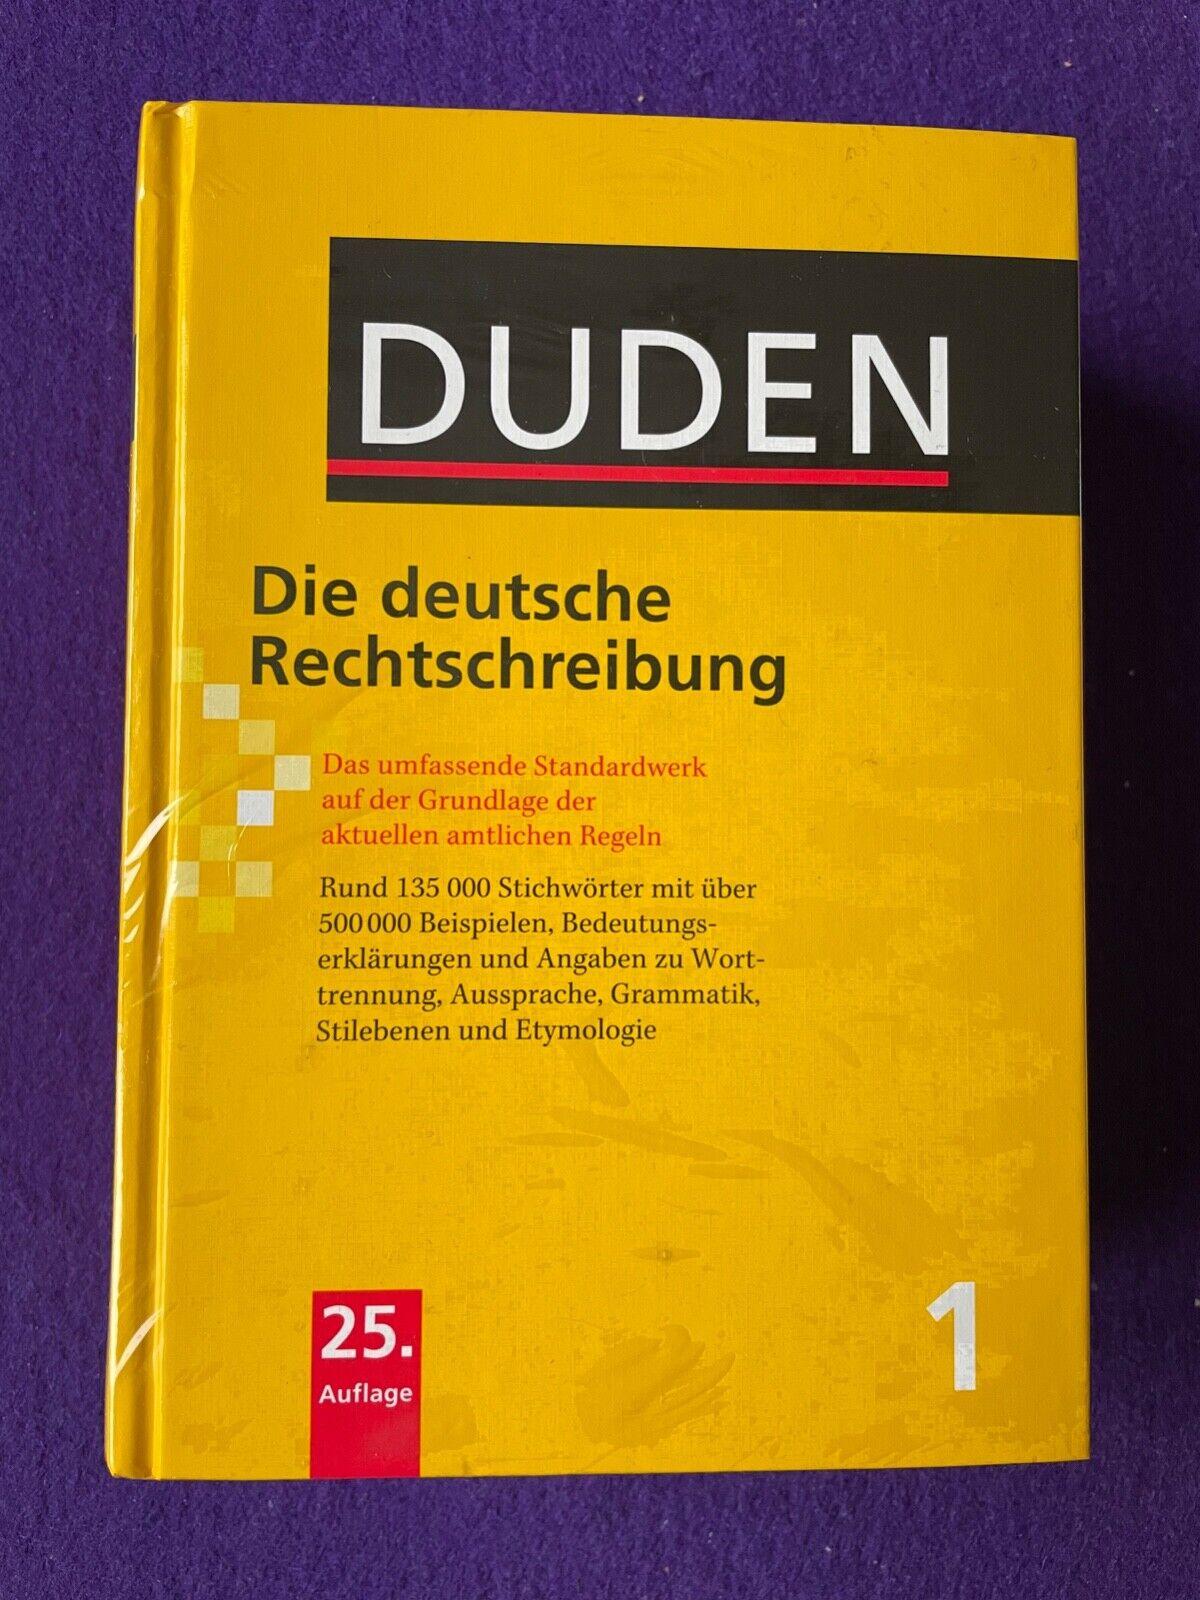 Duden die deutsche rechtschreibung 25. Auflage neu in Folie verpackt